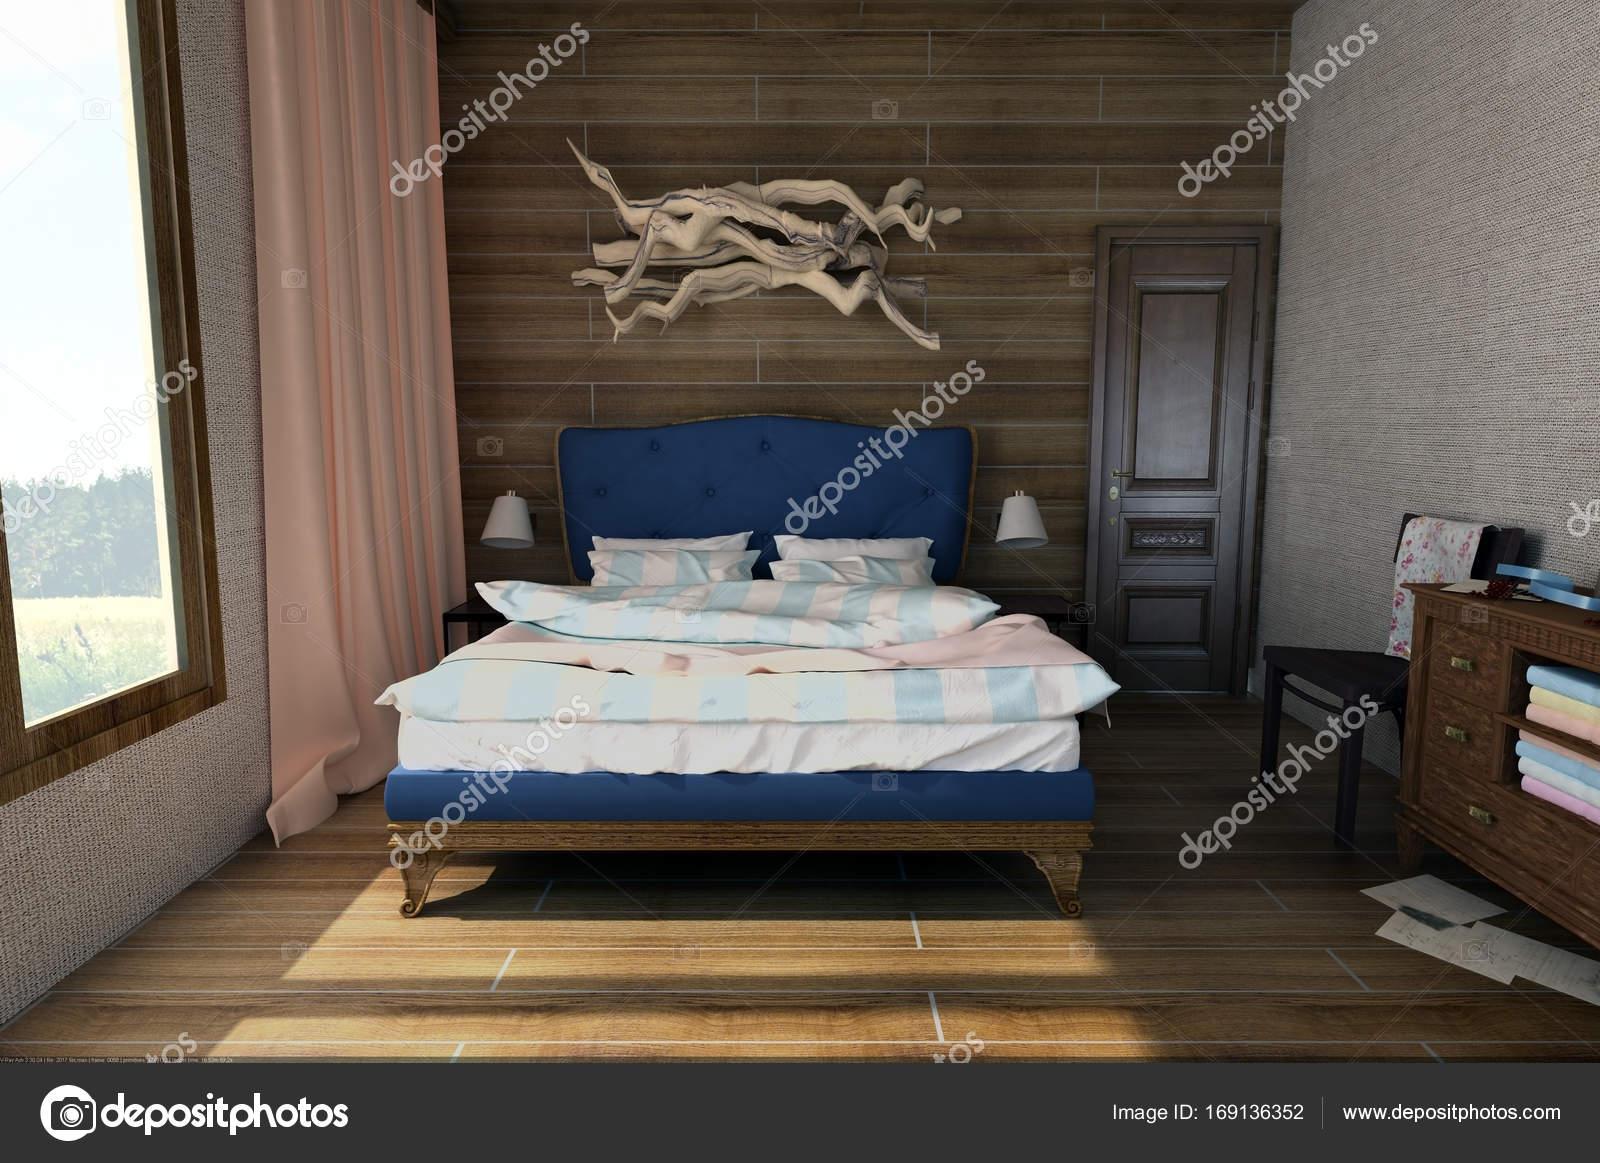 Letti Stile Vintage : Interno camera da letto in stile vintage in legno u foto stock